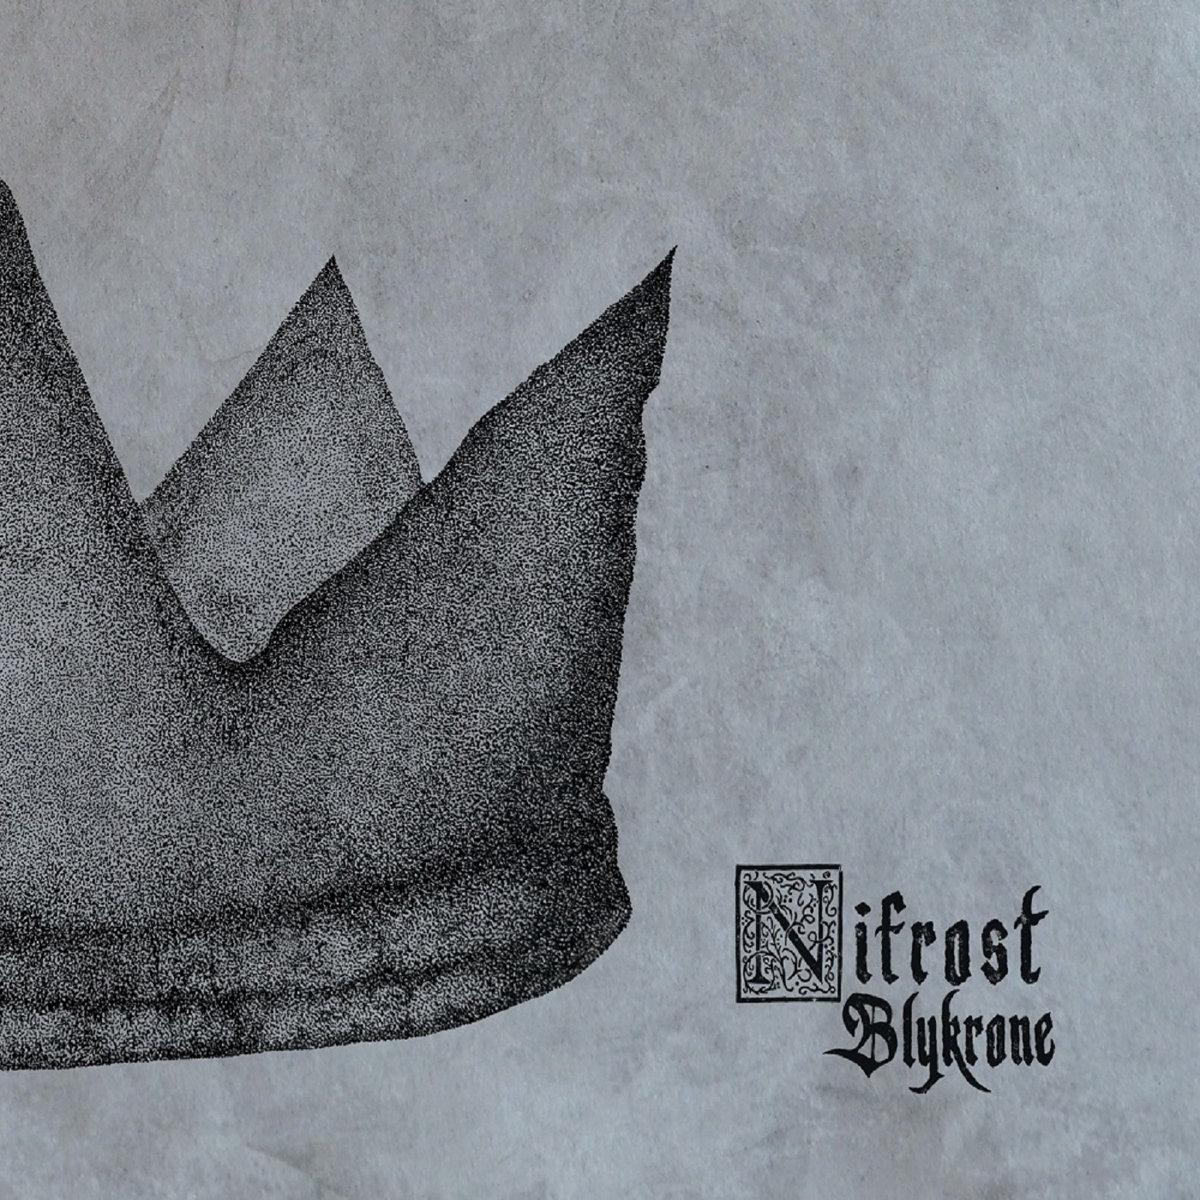 Nifrost - Blykrone